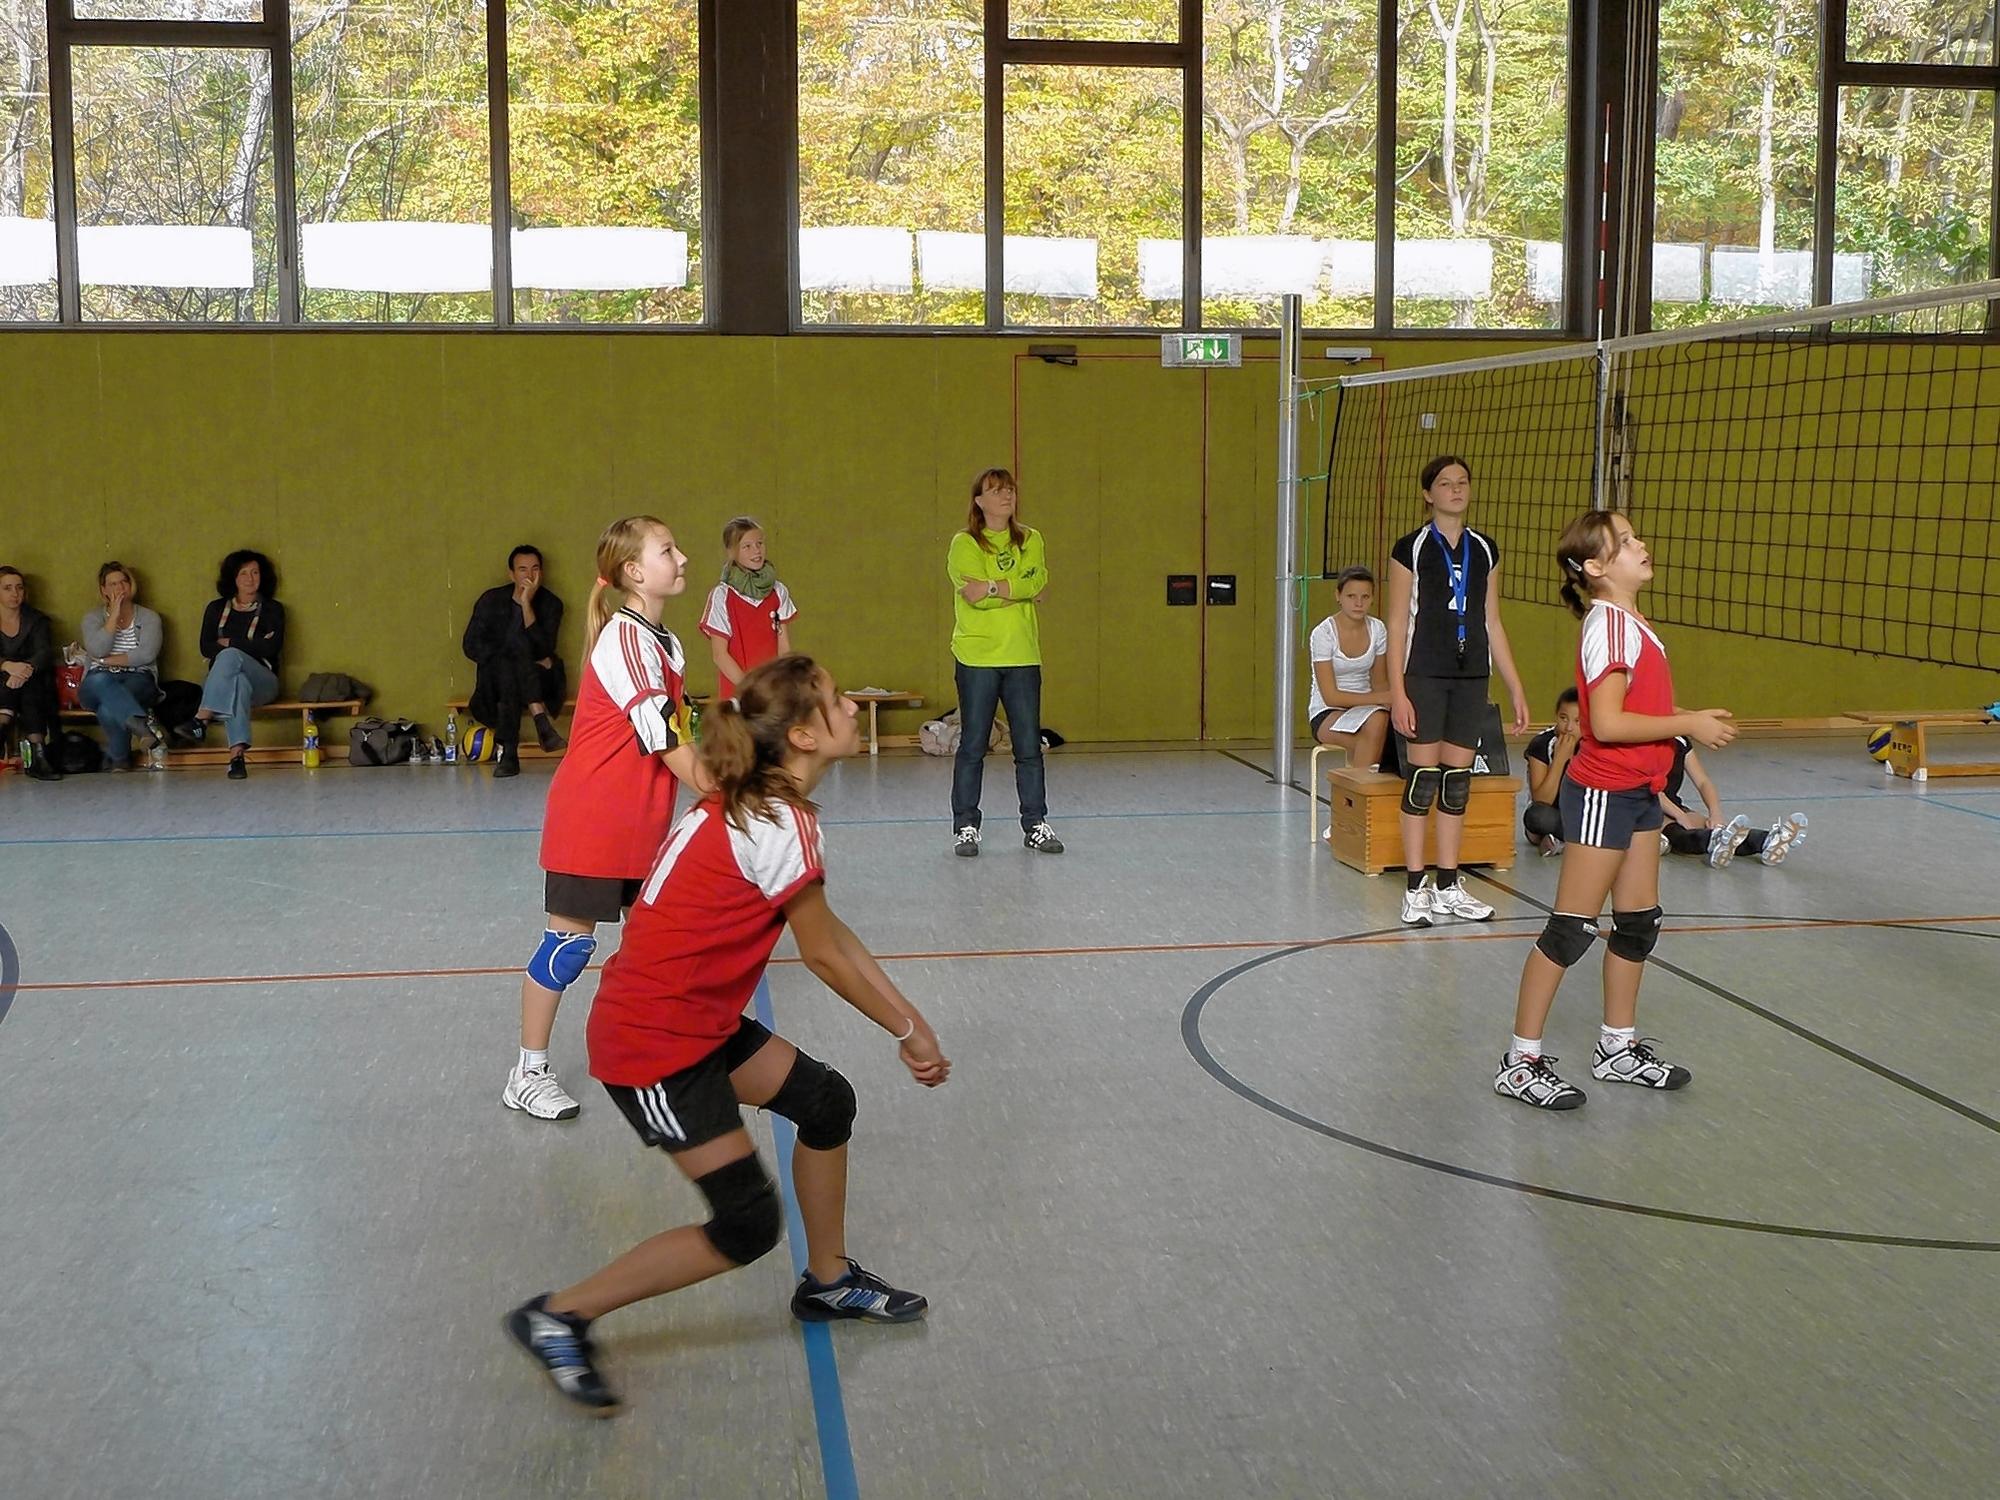 Mannschaften für alle Alters- und Leistungsniveaus hat die Volleyballabteilung der TSV Auerbach zu bieten. Auch neben dem Spielfeld spielt der Nachwuchs im Verein eine herausragende Rolle.